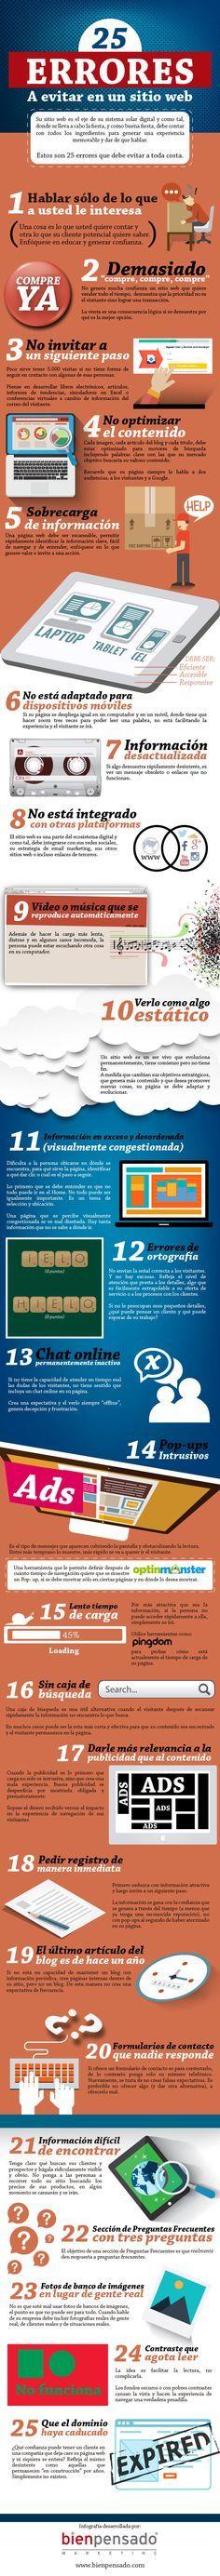 25 errores a evitar en un sitio web (infografía)